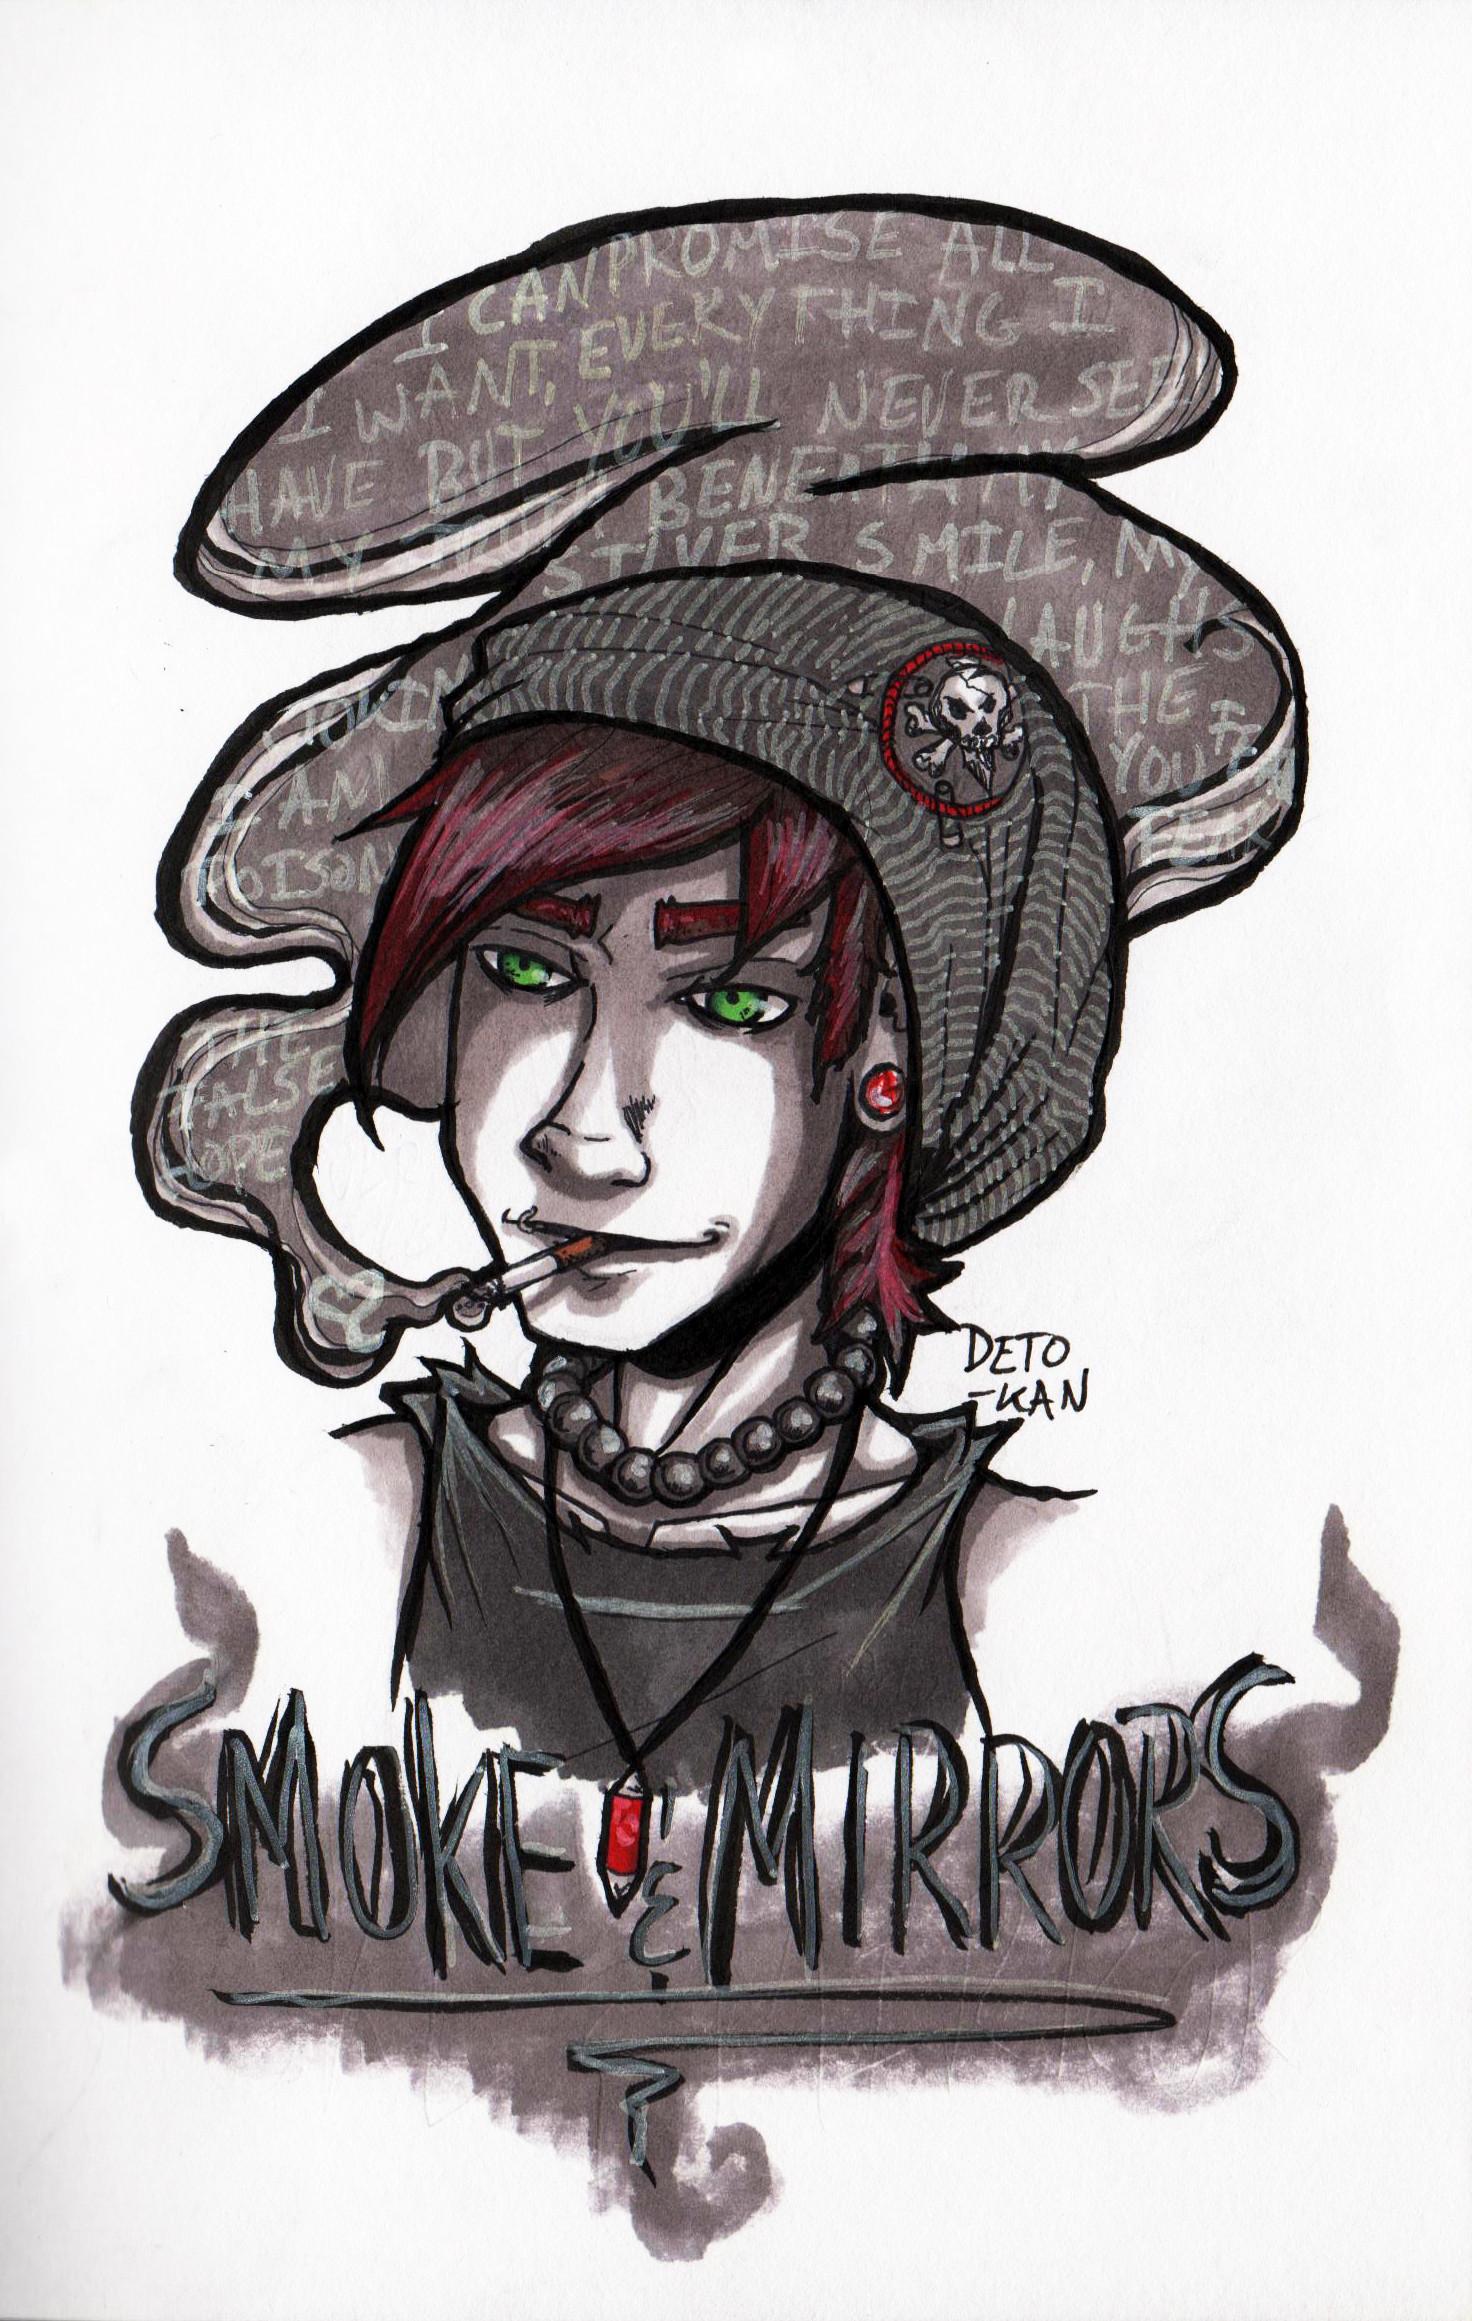 Detonya kan smokeandmirrors